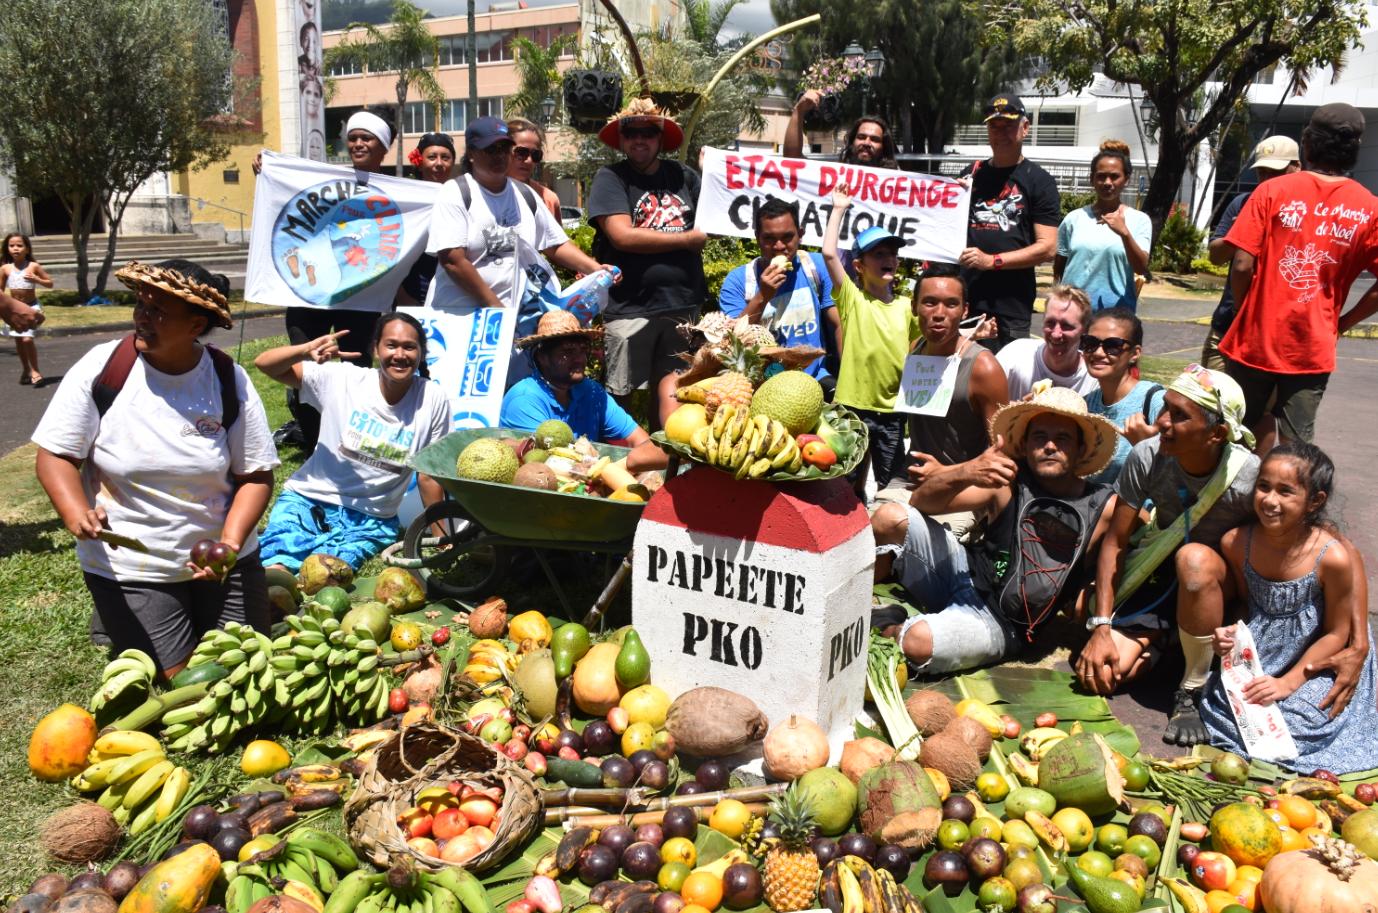 Après quatre jours de marche, le petit groupe d'éco citoyens a bouclé le tour de l'île en faveur du climat, rejoint par des sympathisants.